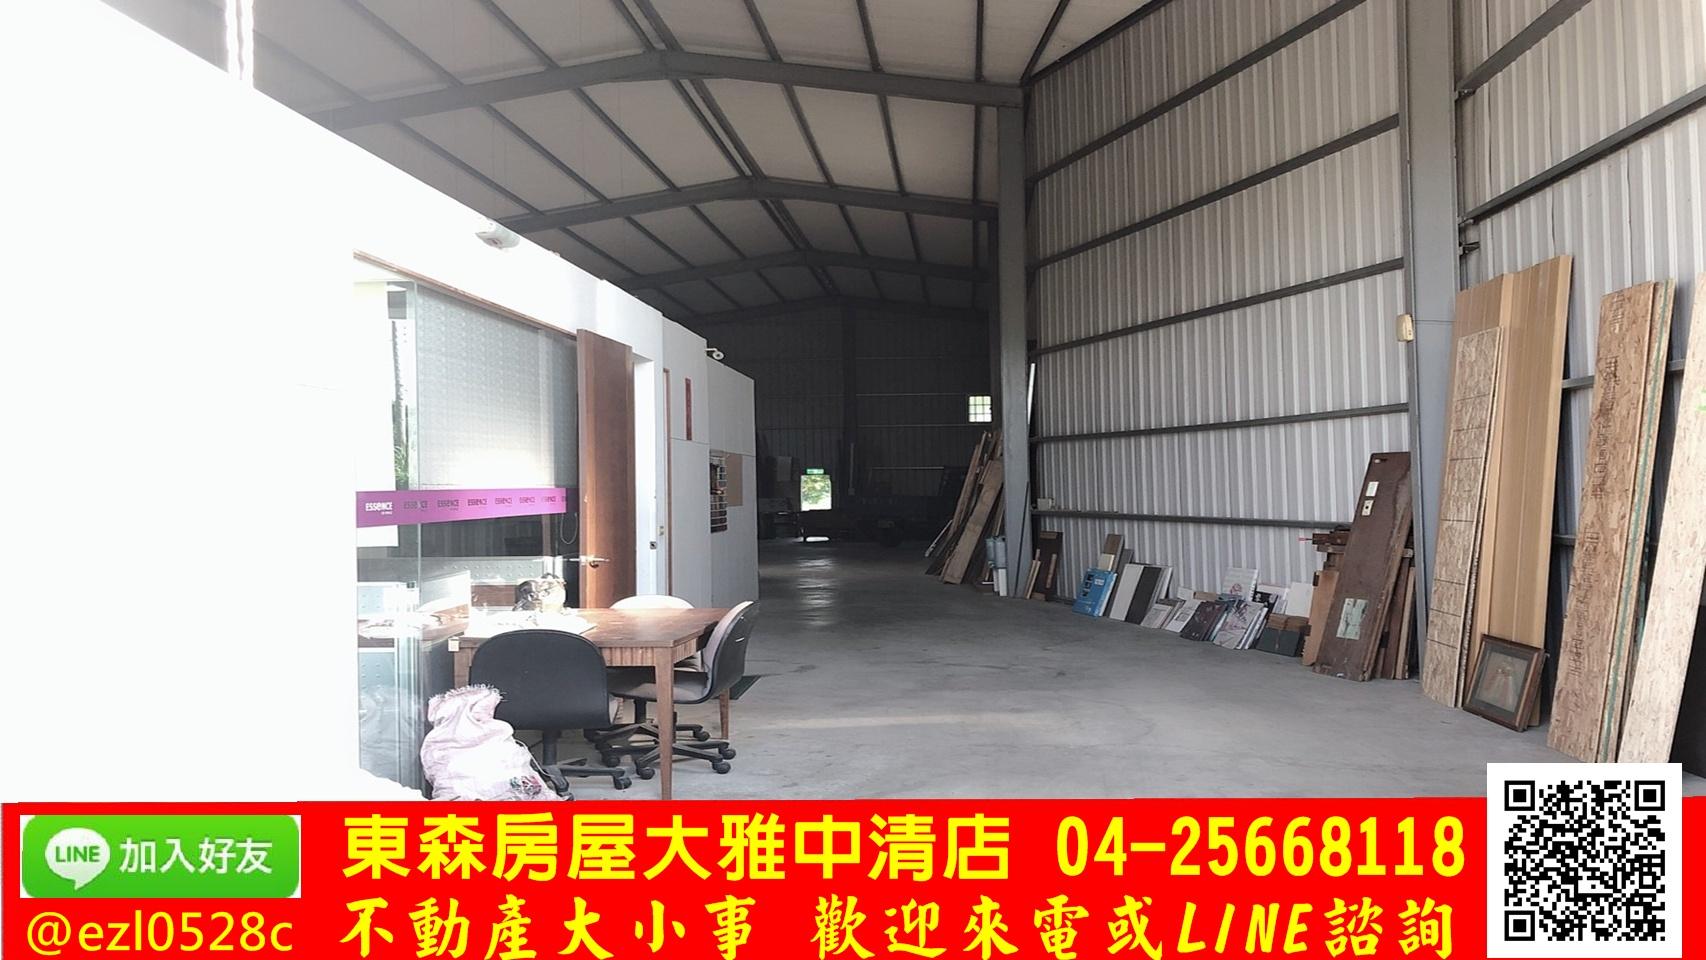 東森房屋大雅中清店-廣福買地送廠